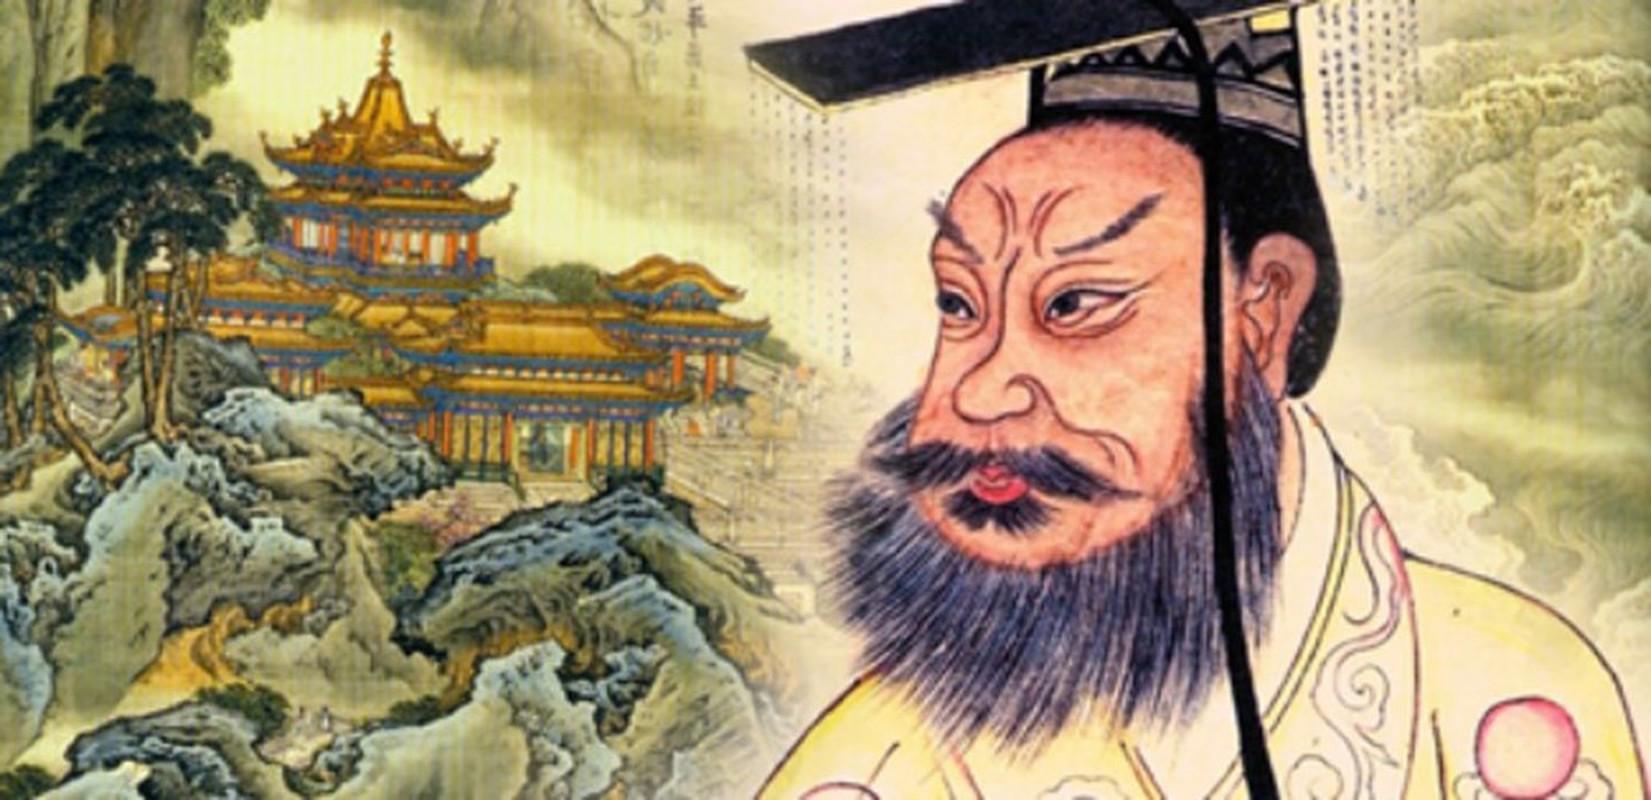 Con trai Tan Thuy Hoang chet vi chieu thu gia the nao?-Hinh-6